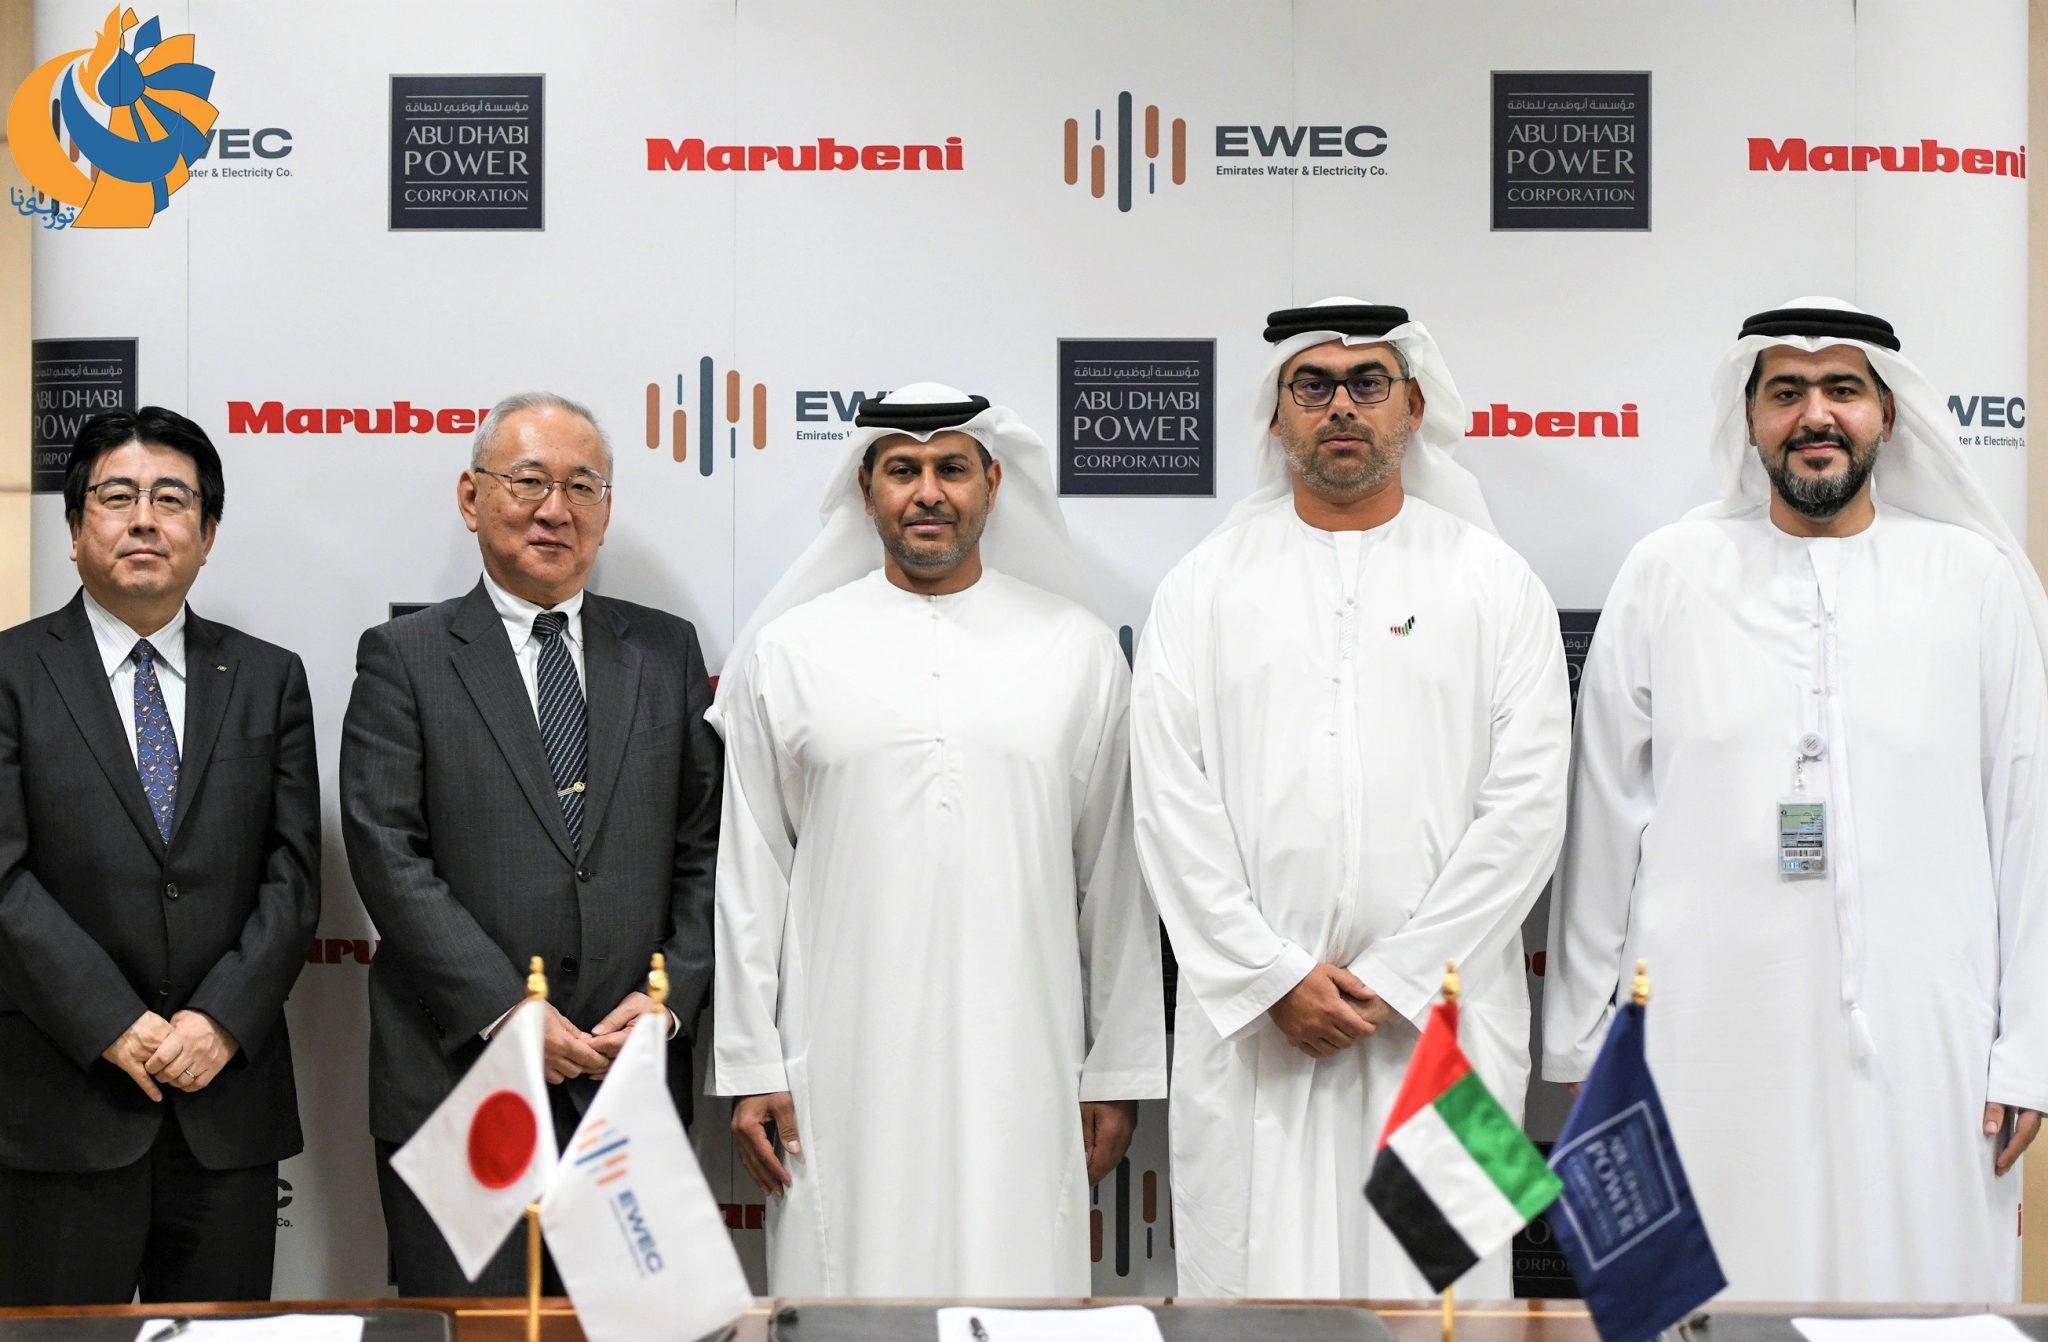 امضاء قرارداد ساخت بزرگترین نیروگاه حرارتی امارات توسط ژاپن